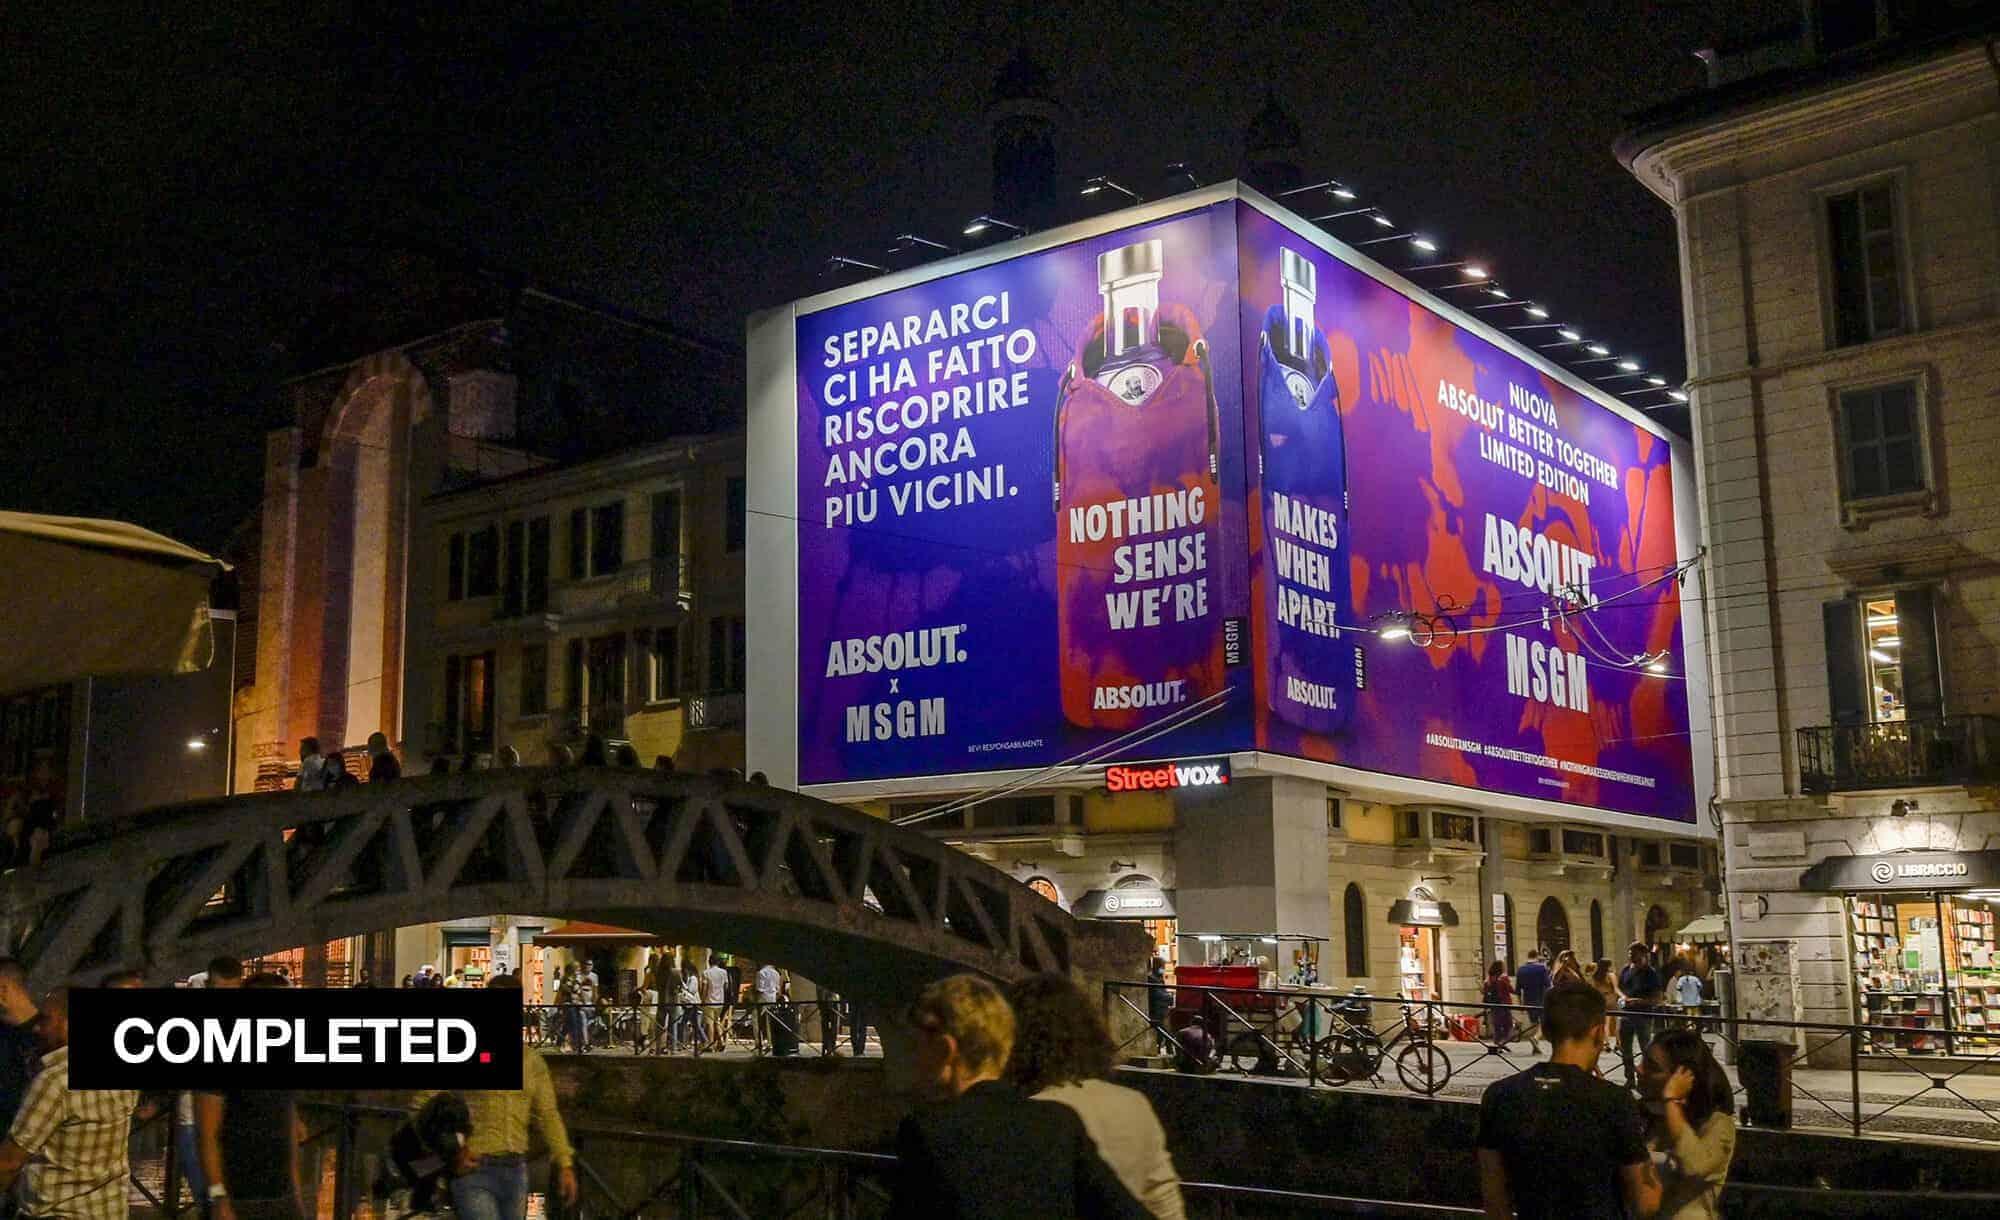 Maxi Affissione Streetvox in Via Corsico 12 sui Navigli a Milano con Absolut MSGM (beverage and fashion)